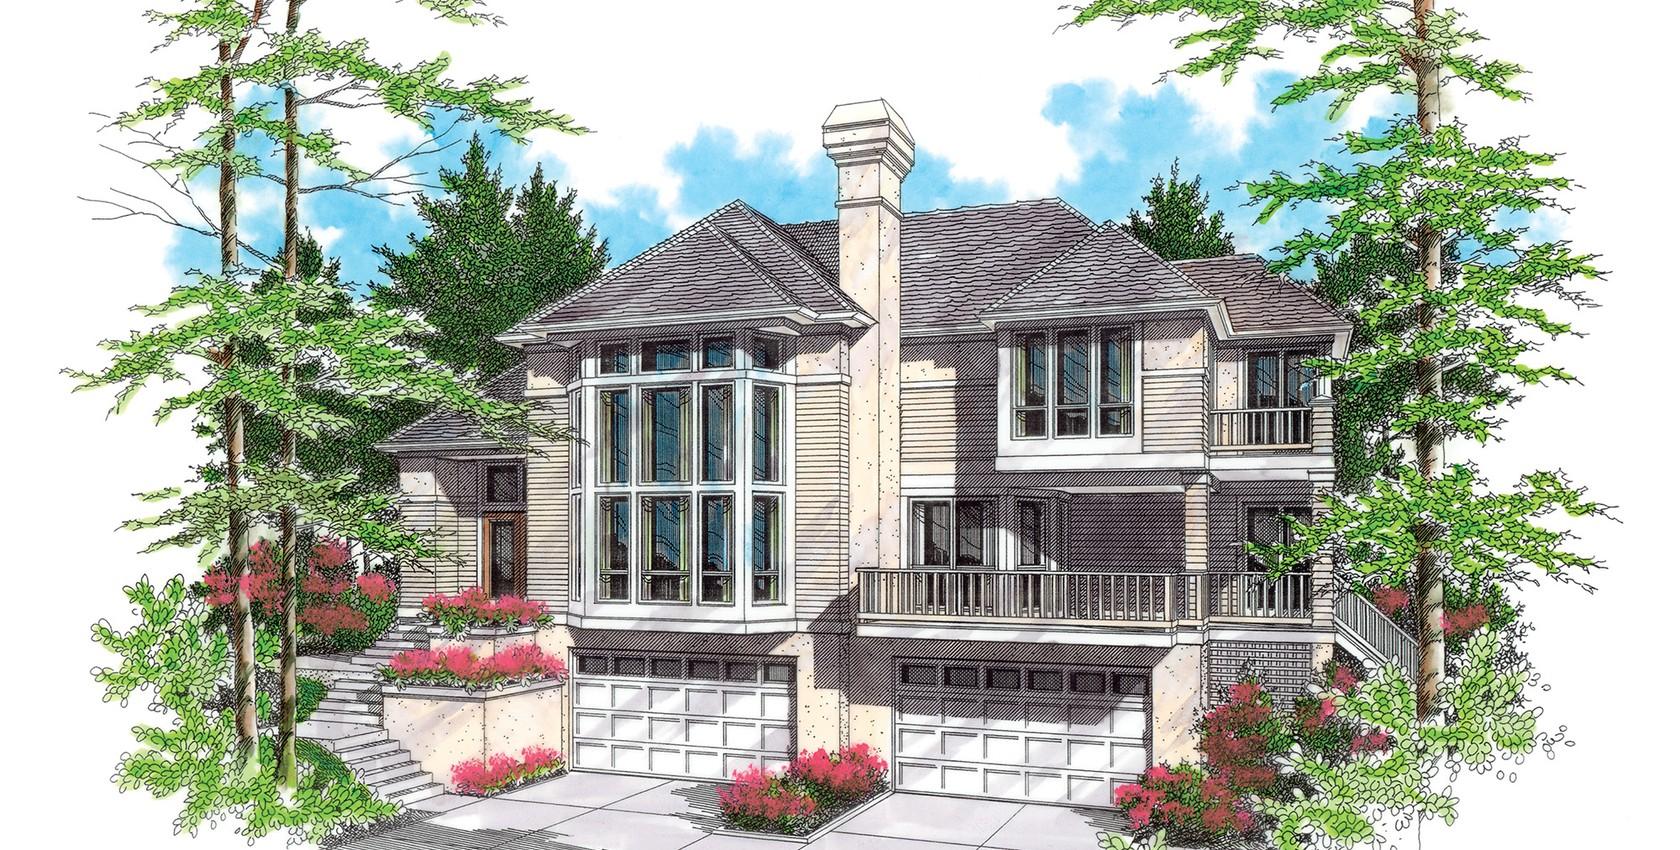 Mascord house plan 22105 the ridgecrest for House plans mascord